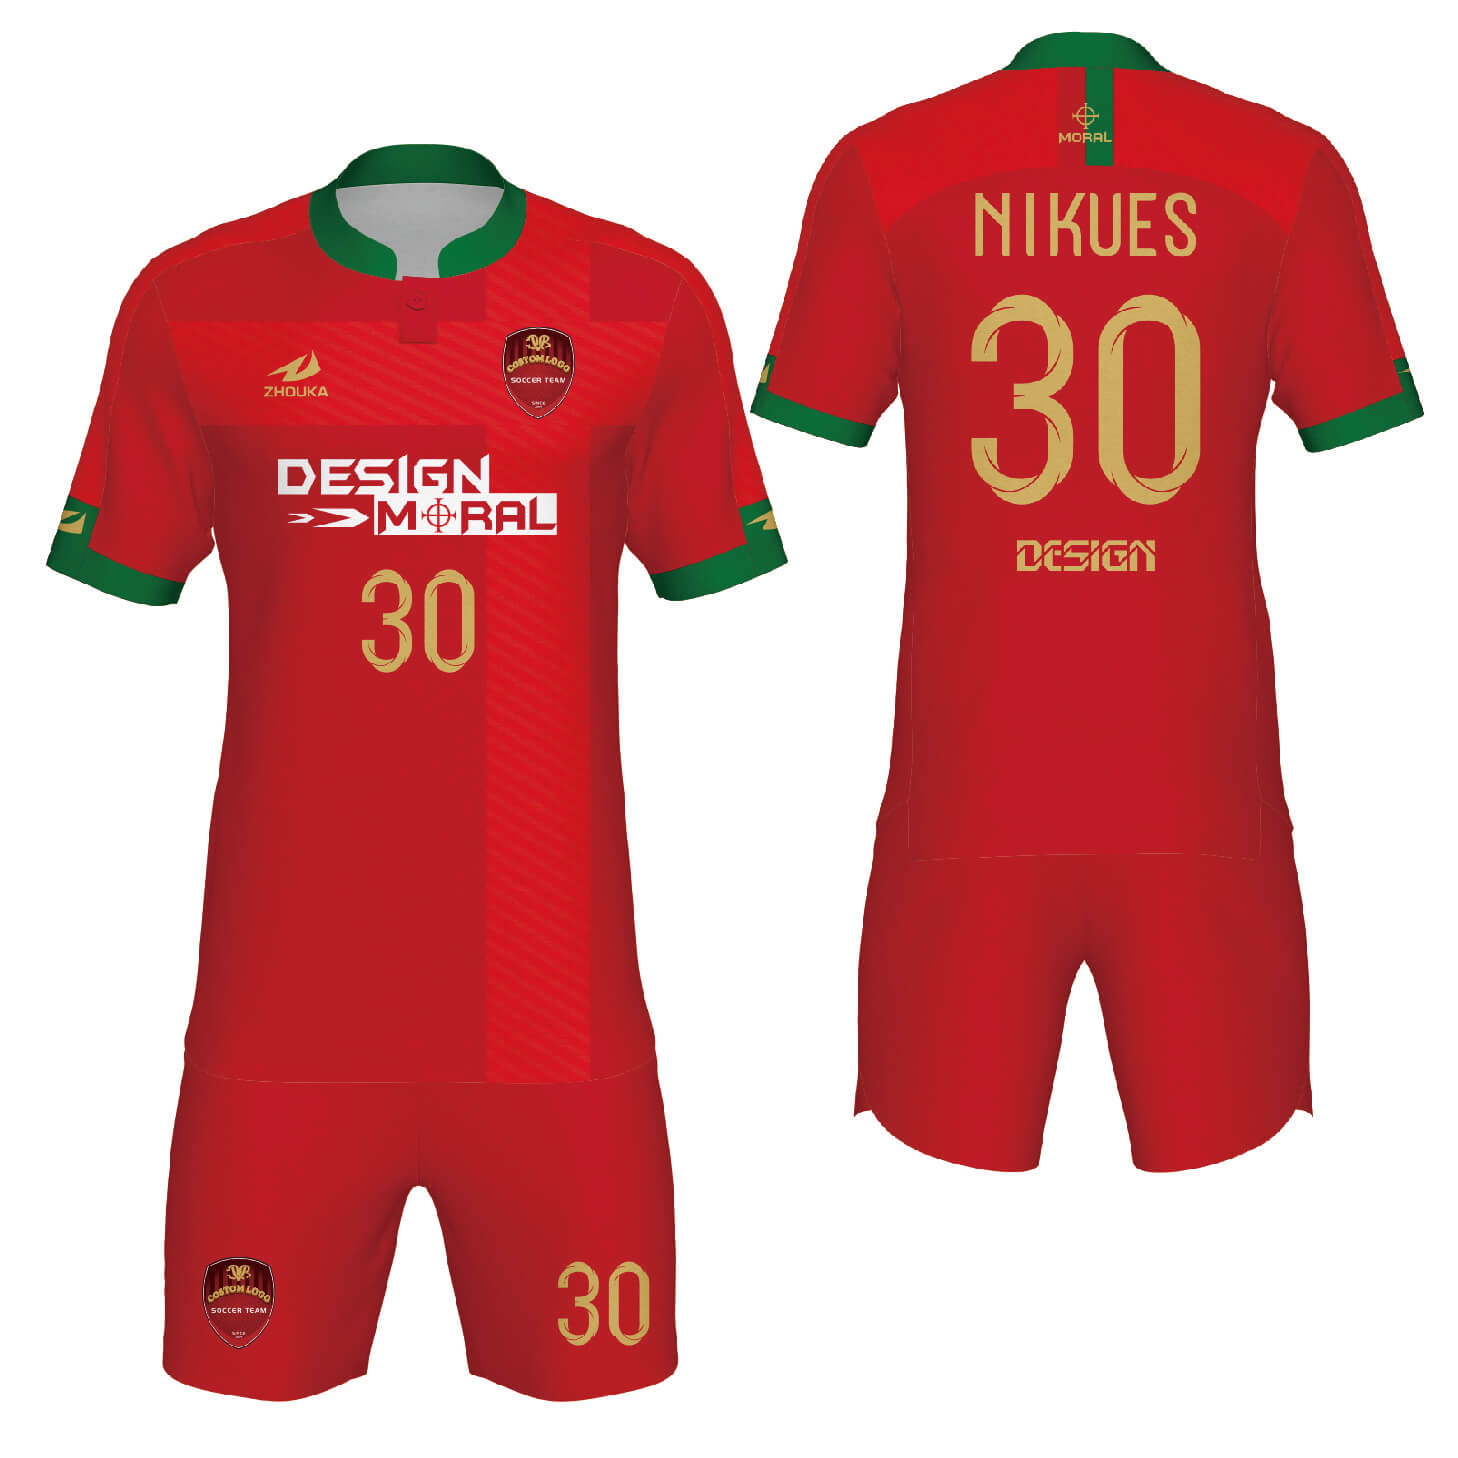 足球球衣设计完全升华设计团队或俱乐部的足球服